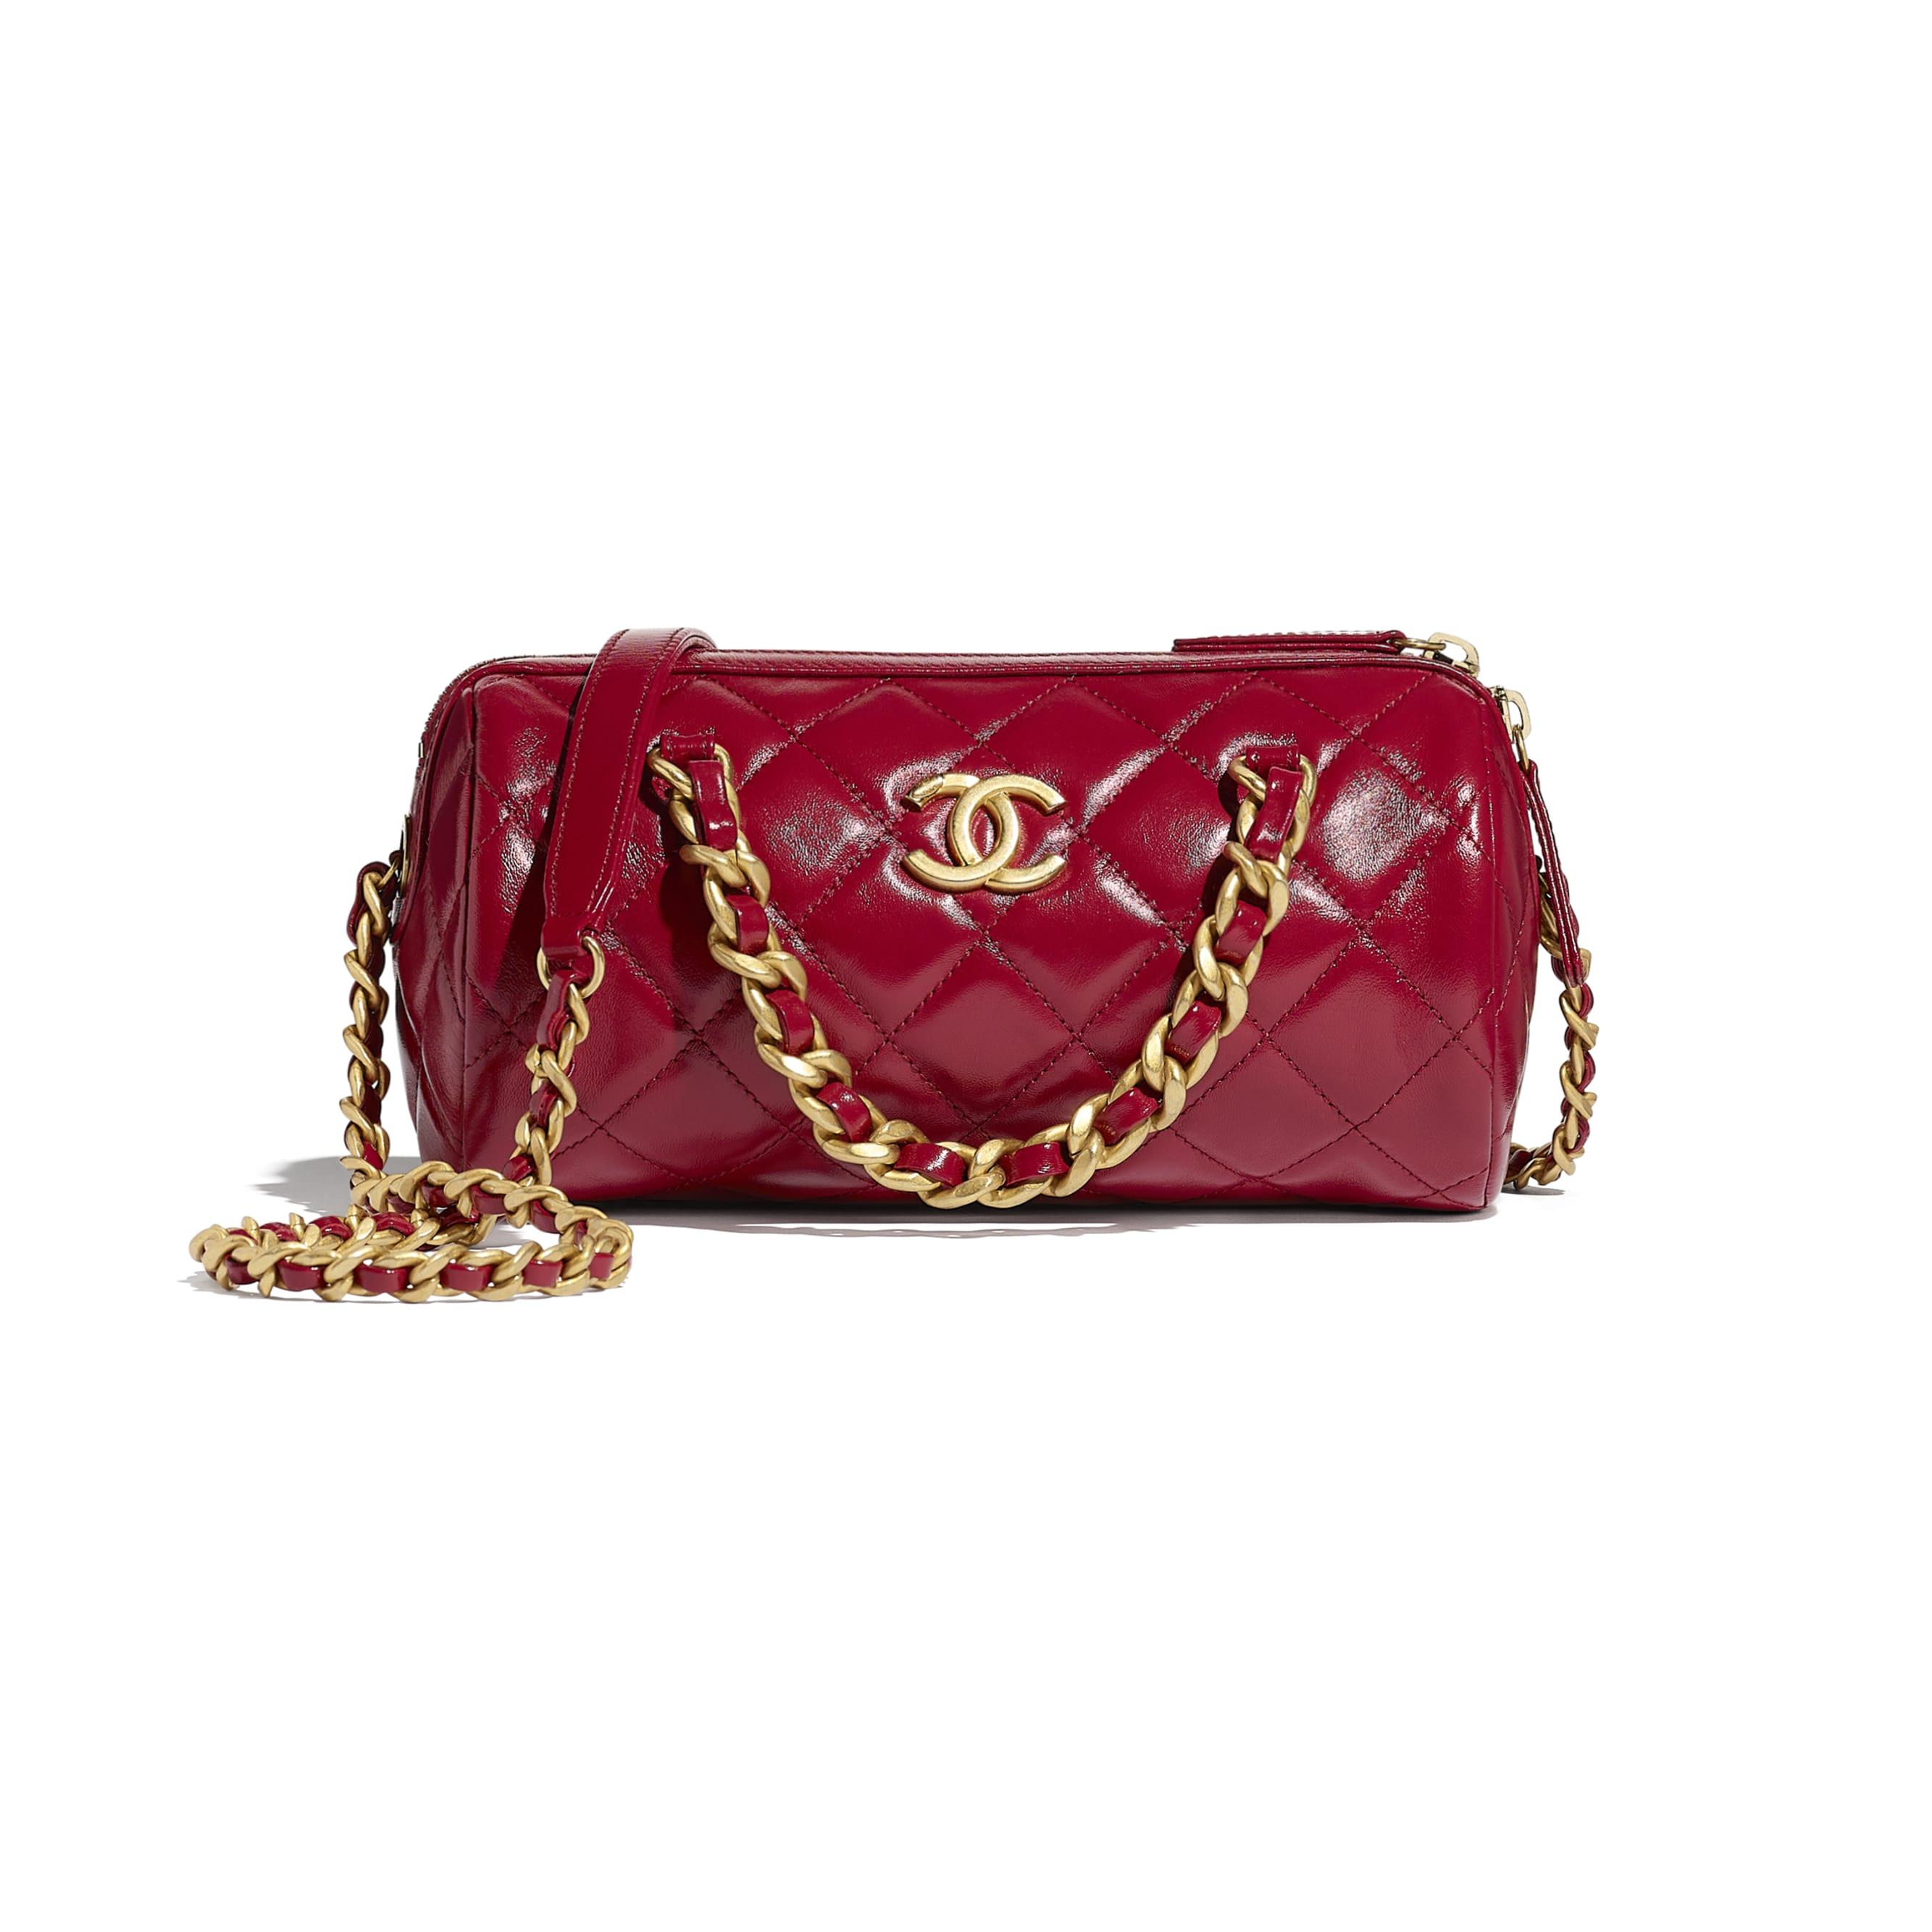 Petit sac bowling - Rose - Agneau brillant & métal doré - CHANEL - Vue par défaut - voir la version taille standard